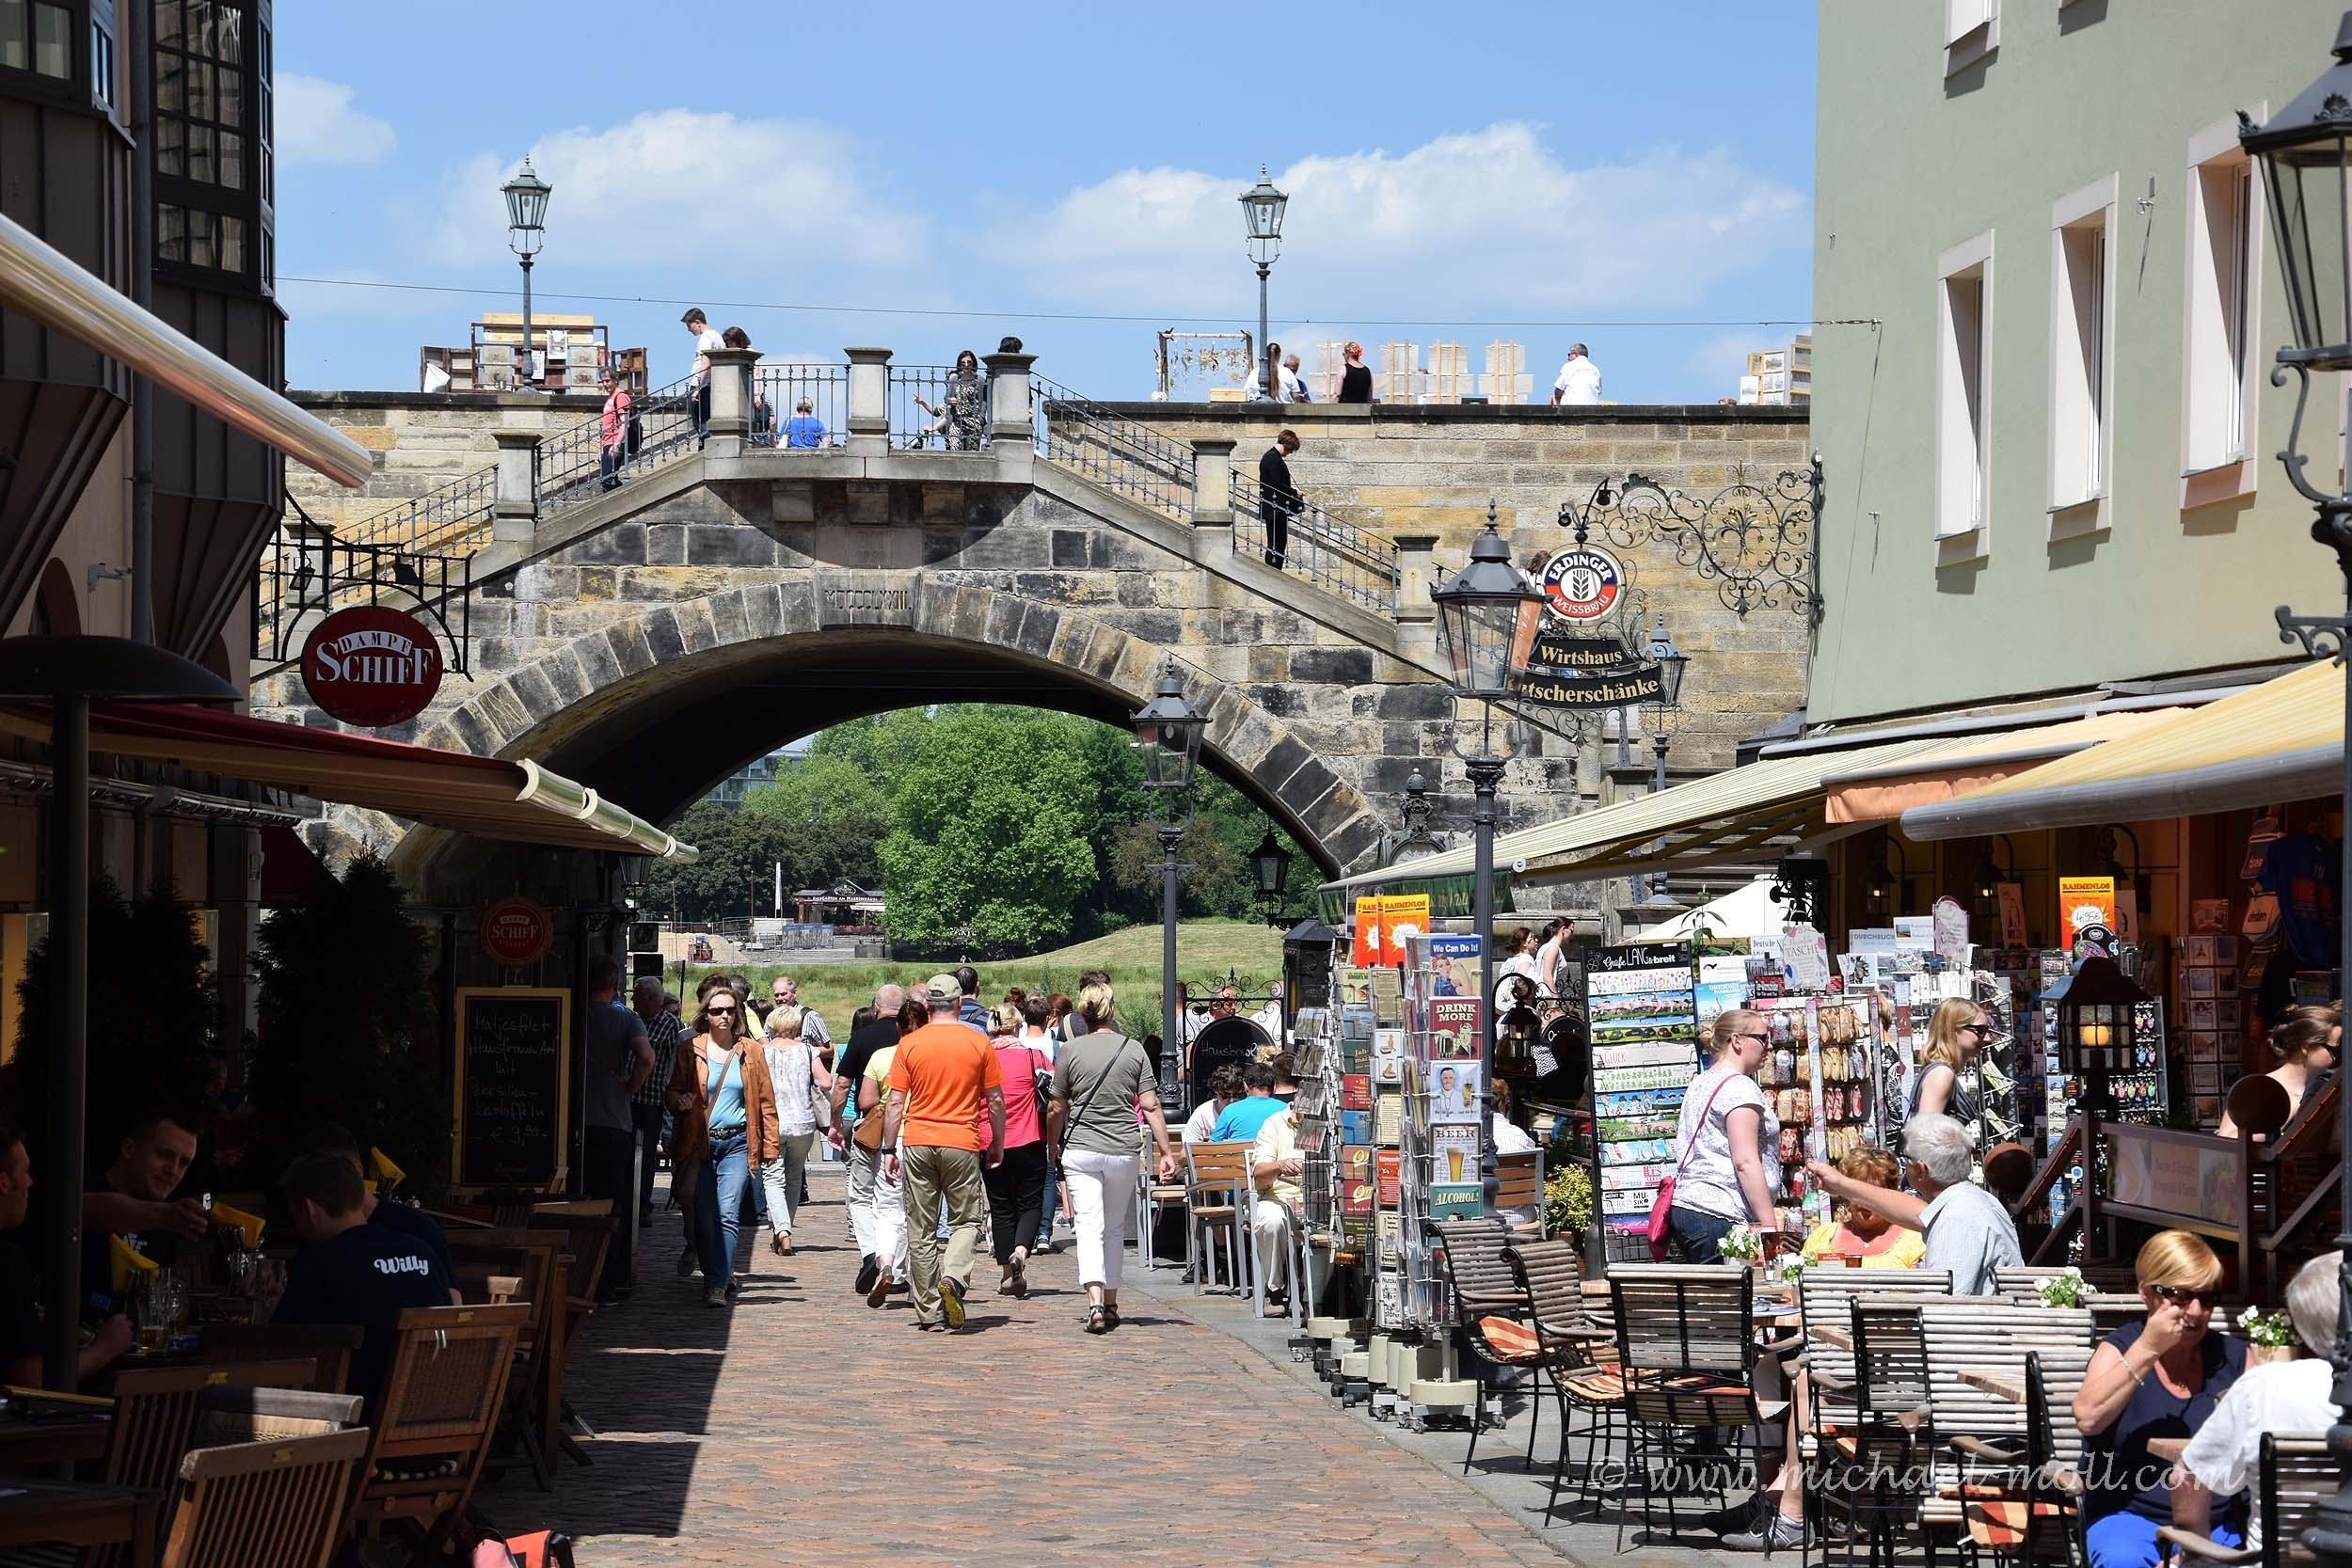 Brücke an der Brühlschen Gasse